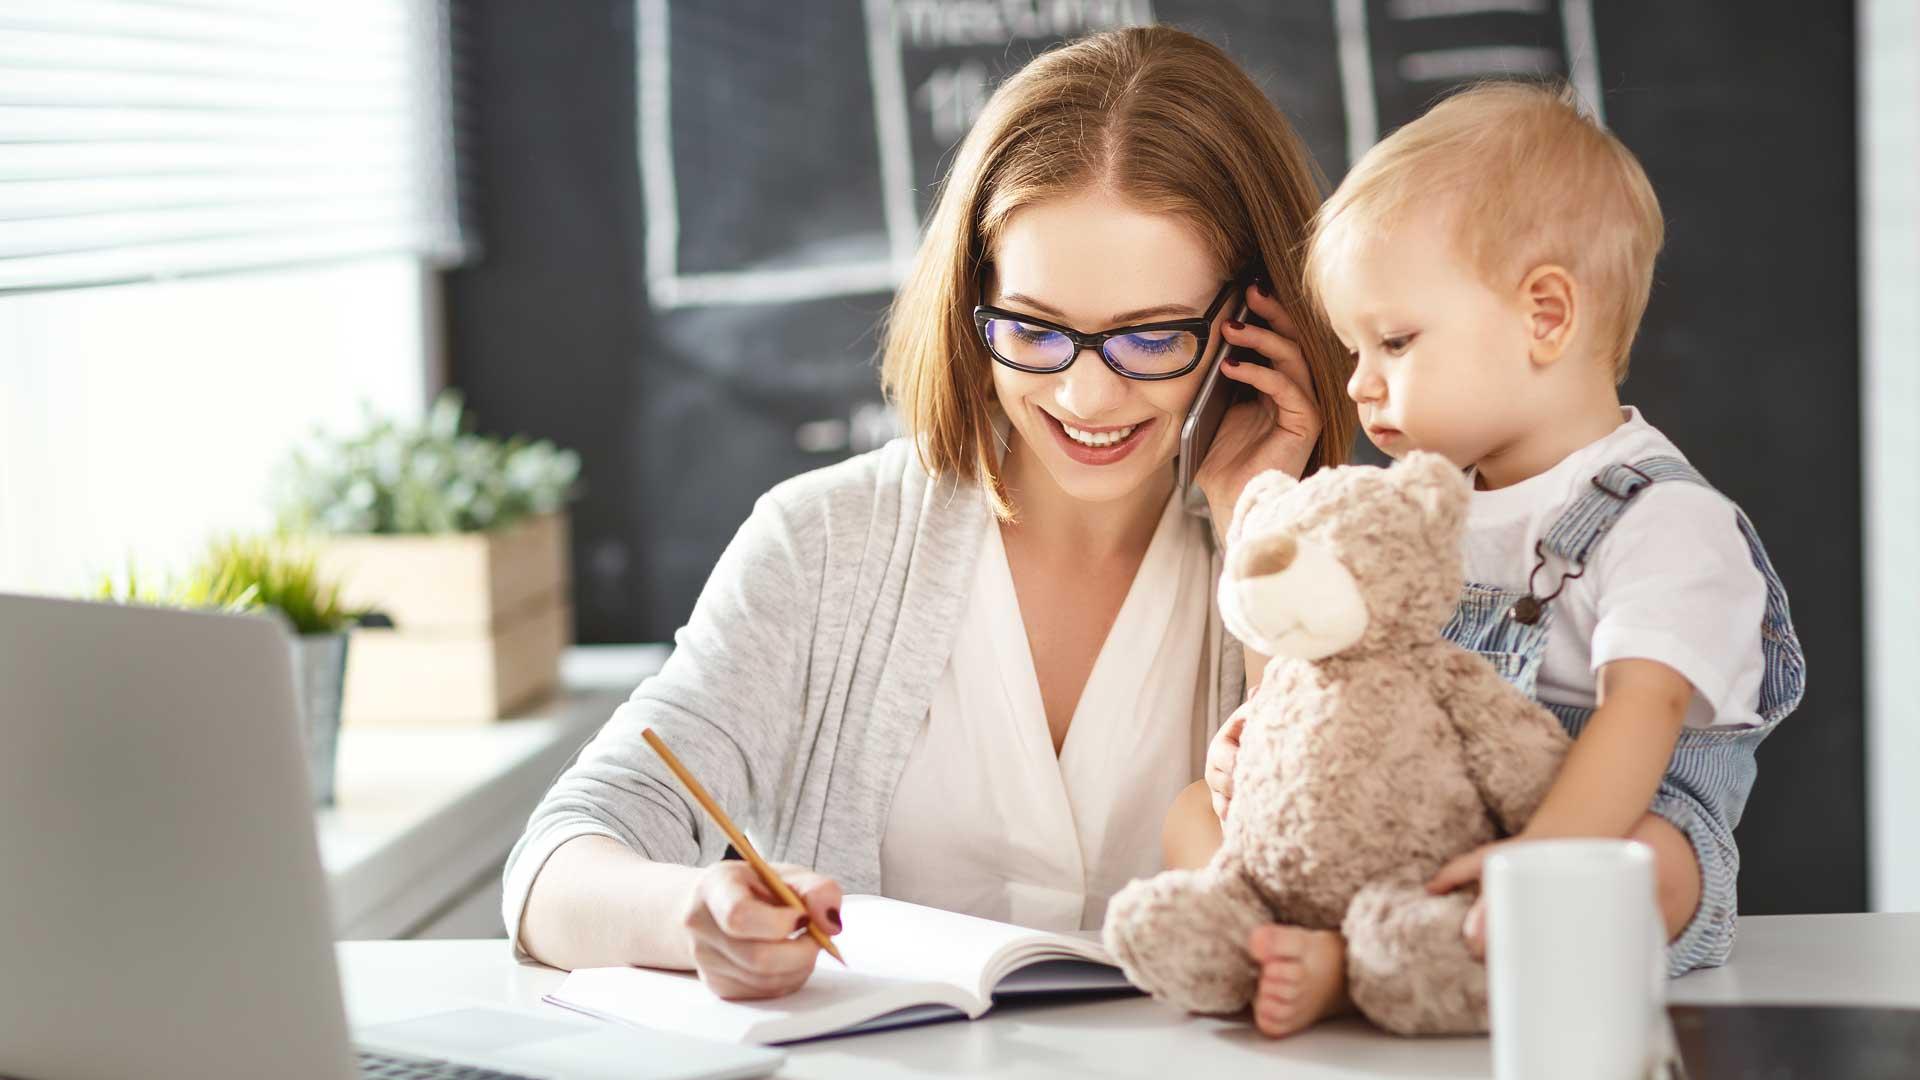 Thuiswerk- een vrouw bellend aan tafel terwijl ze bezig is in een schrift. Een baby zit op tafel naast haar